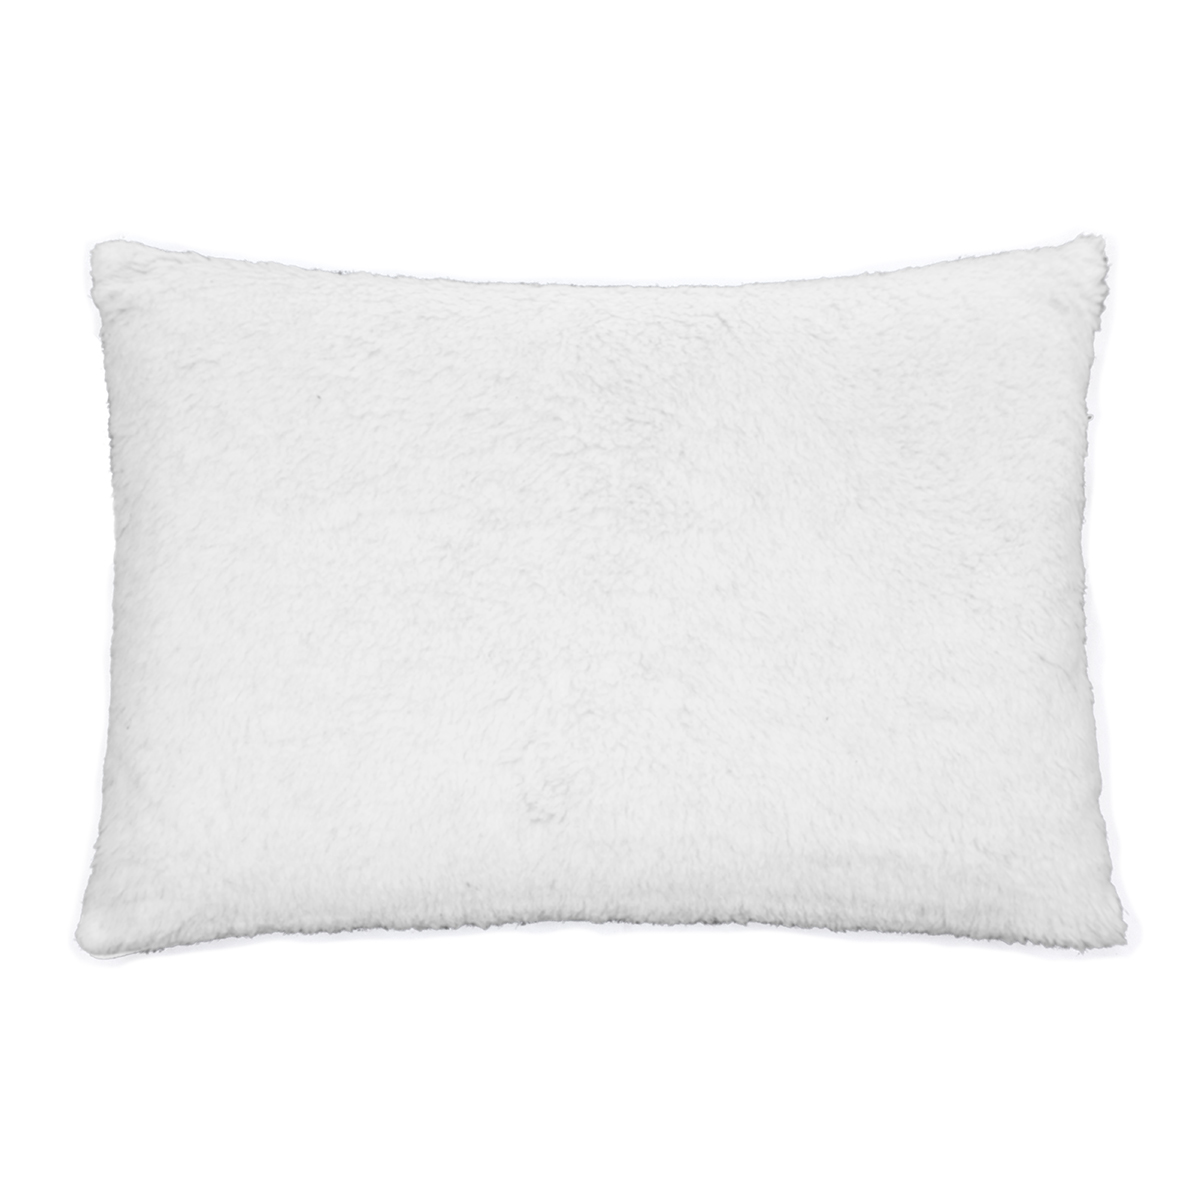 Подушка  Лето-зима  р. 70х70 - Текстиль для здоровья артикул: 21119